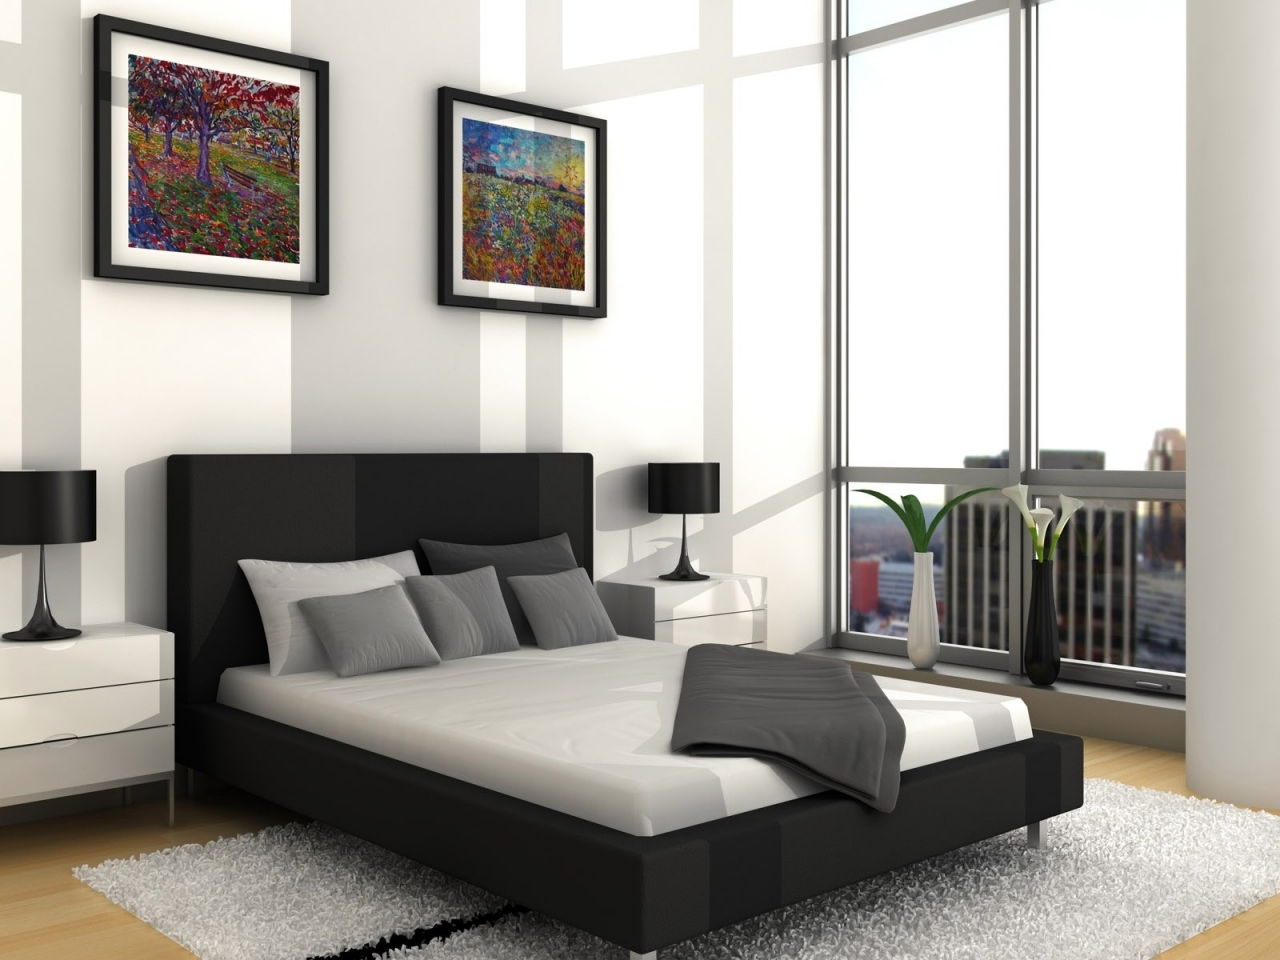 dise o 3d de habitaci n hd 1280x960 imagenes